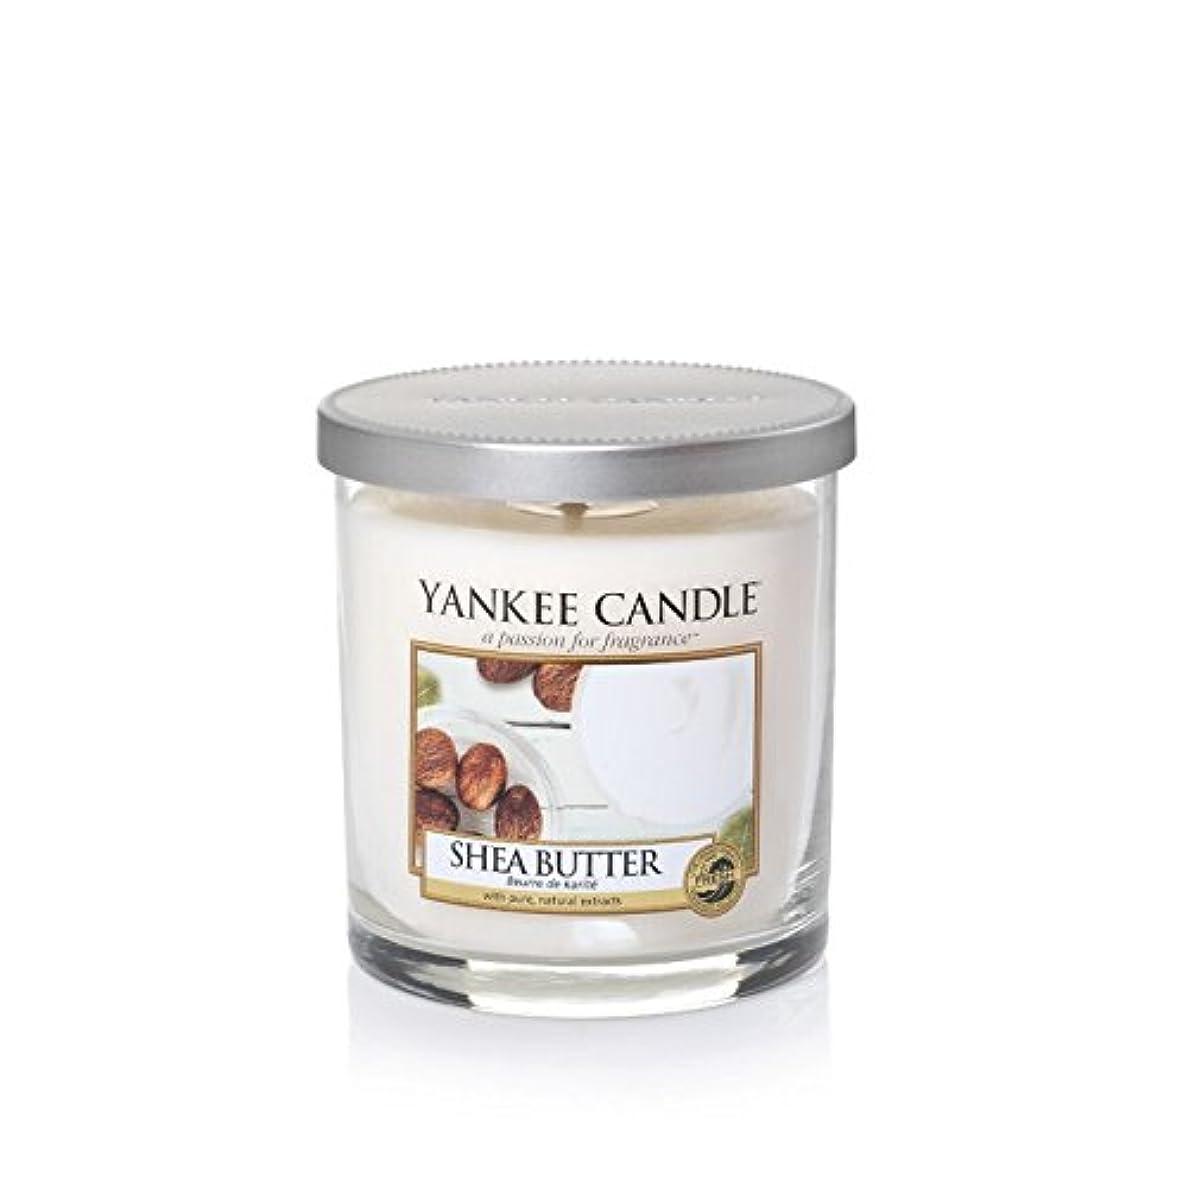 郵便局献身クランシーヤンキーキャンドルの小さな柱キャンドル - シアバター - Yankee Candles Small Pillar Candle - Shea Butter (Yankee Candles) [並行輸入品]